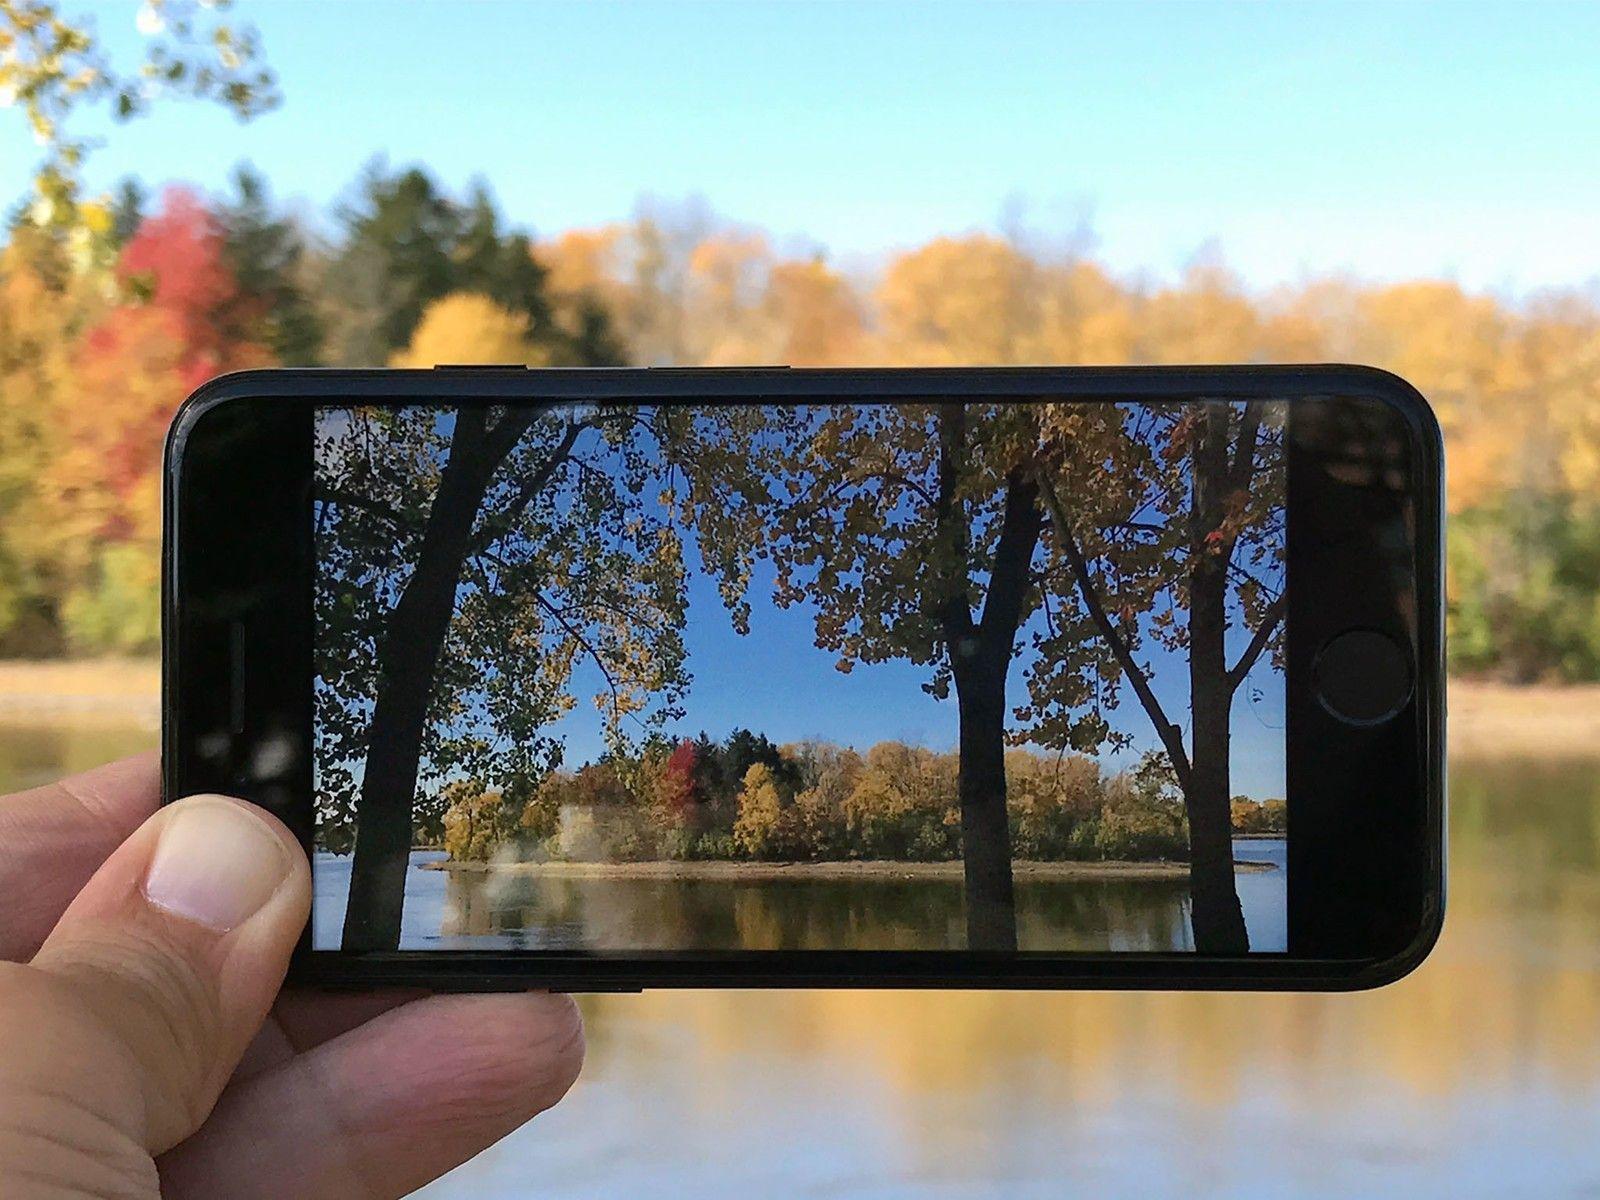 здесь фото как делать живые фотографии на айфоне доброжелательная располагающая